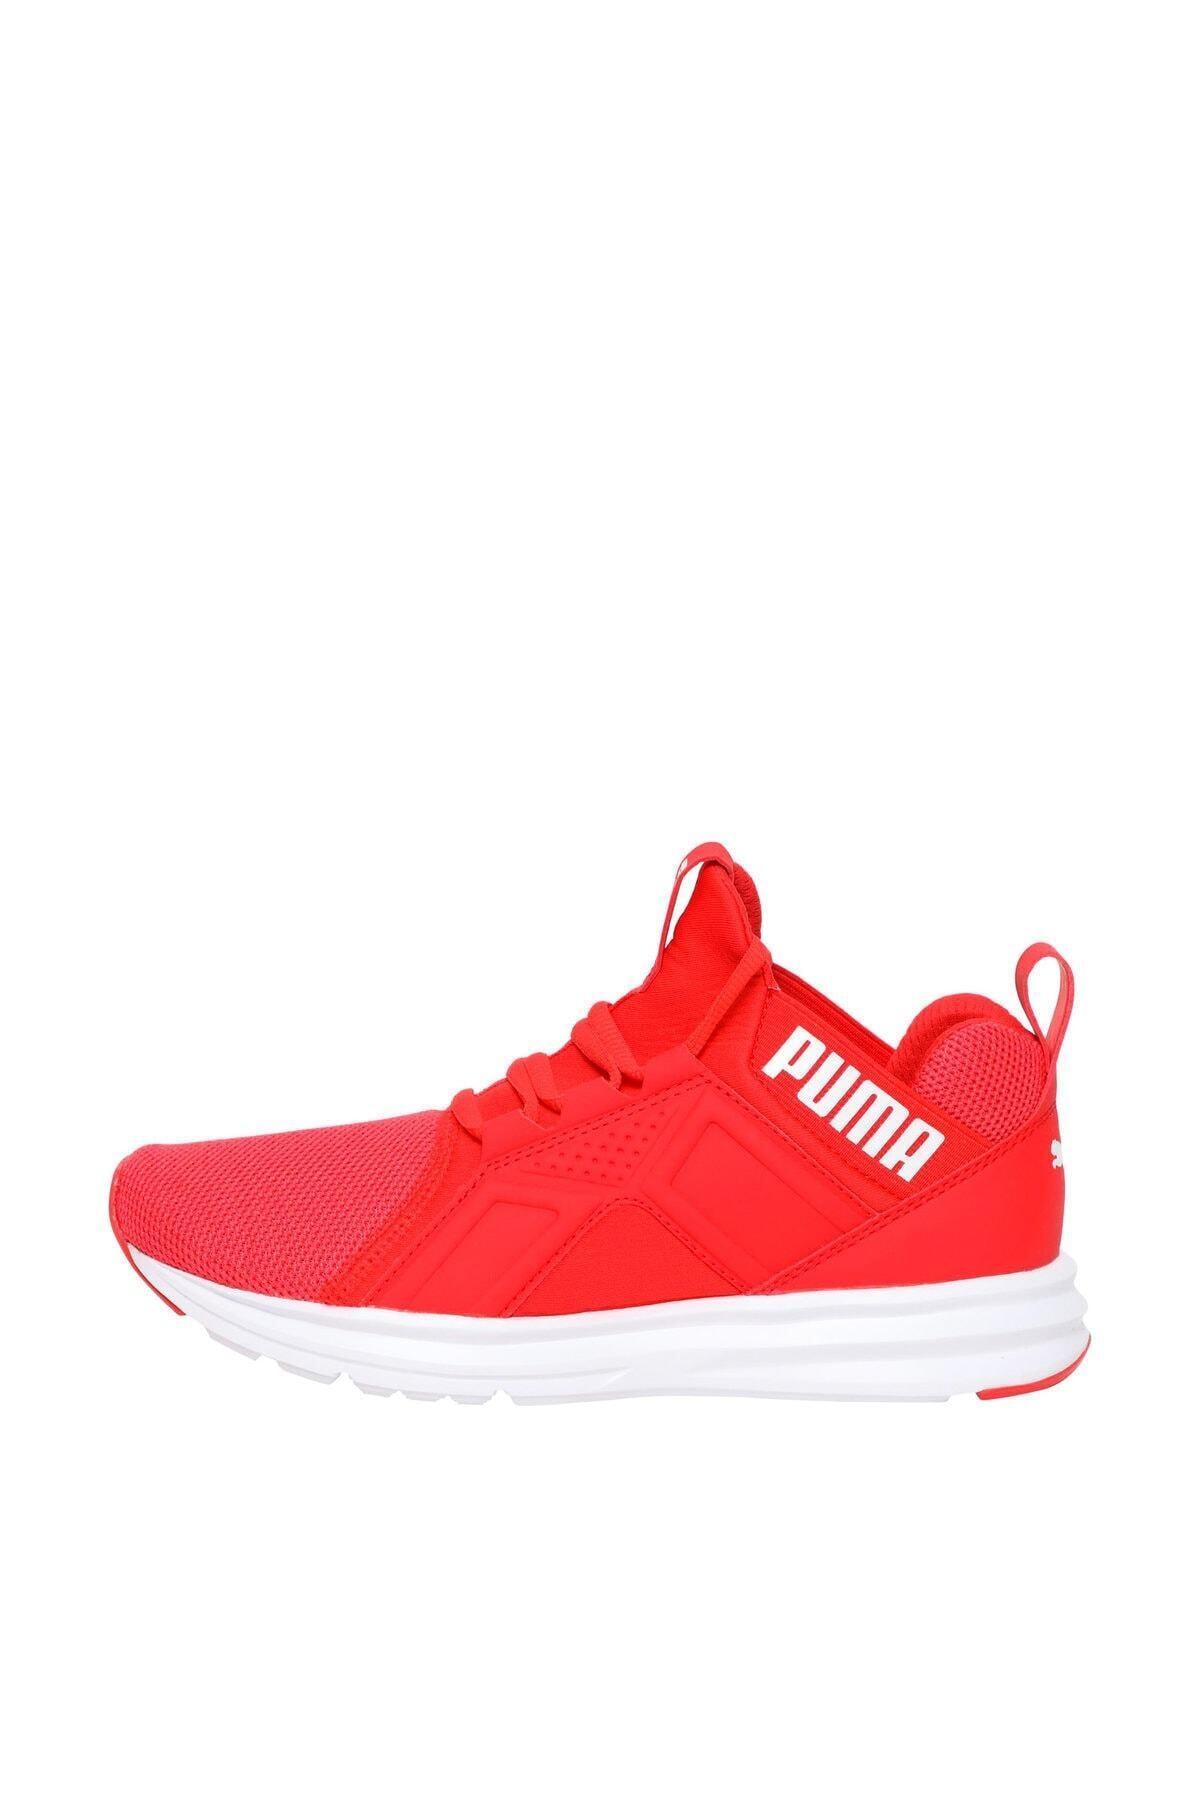 Puma Kadın Koşu Ayakkabısı 1